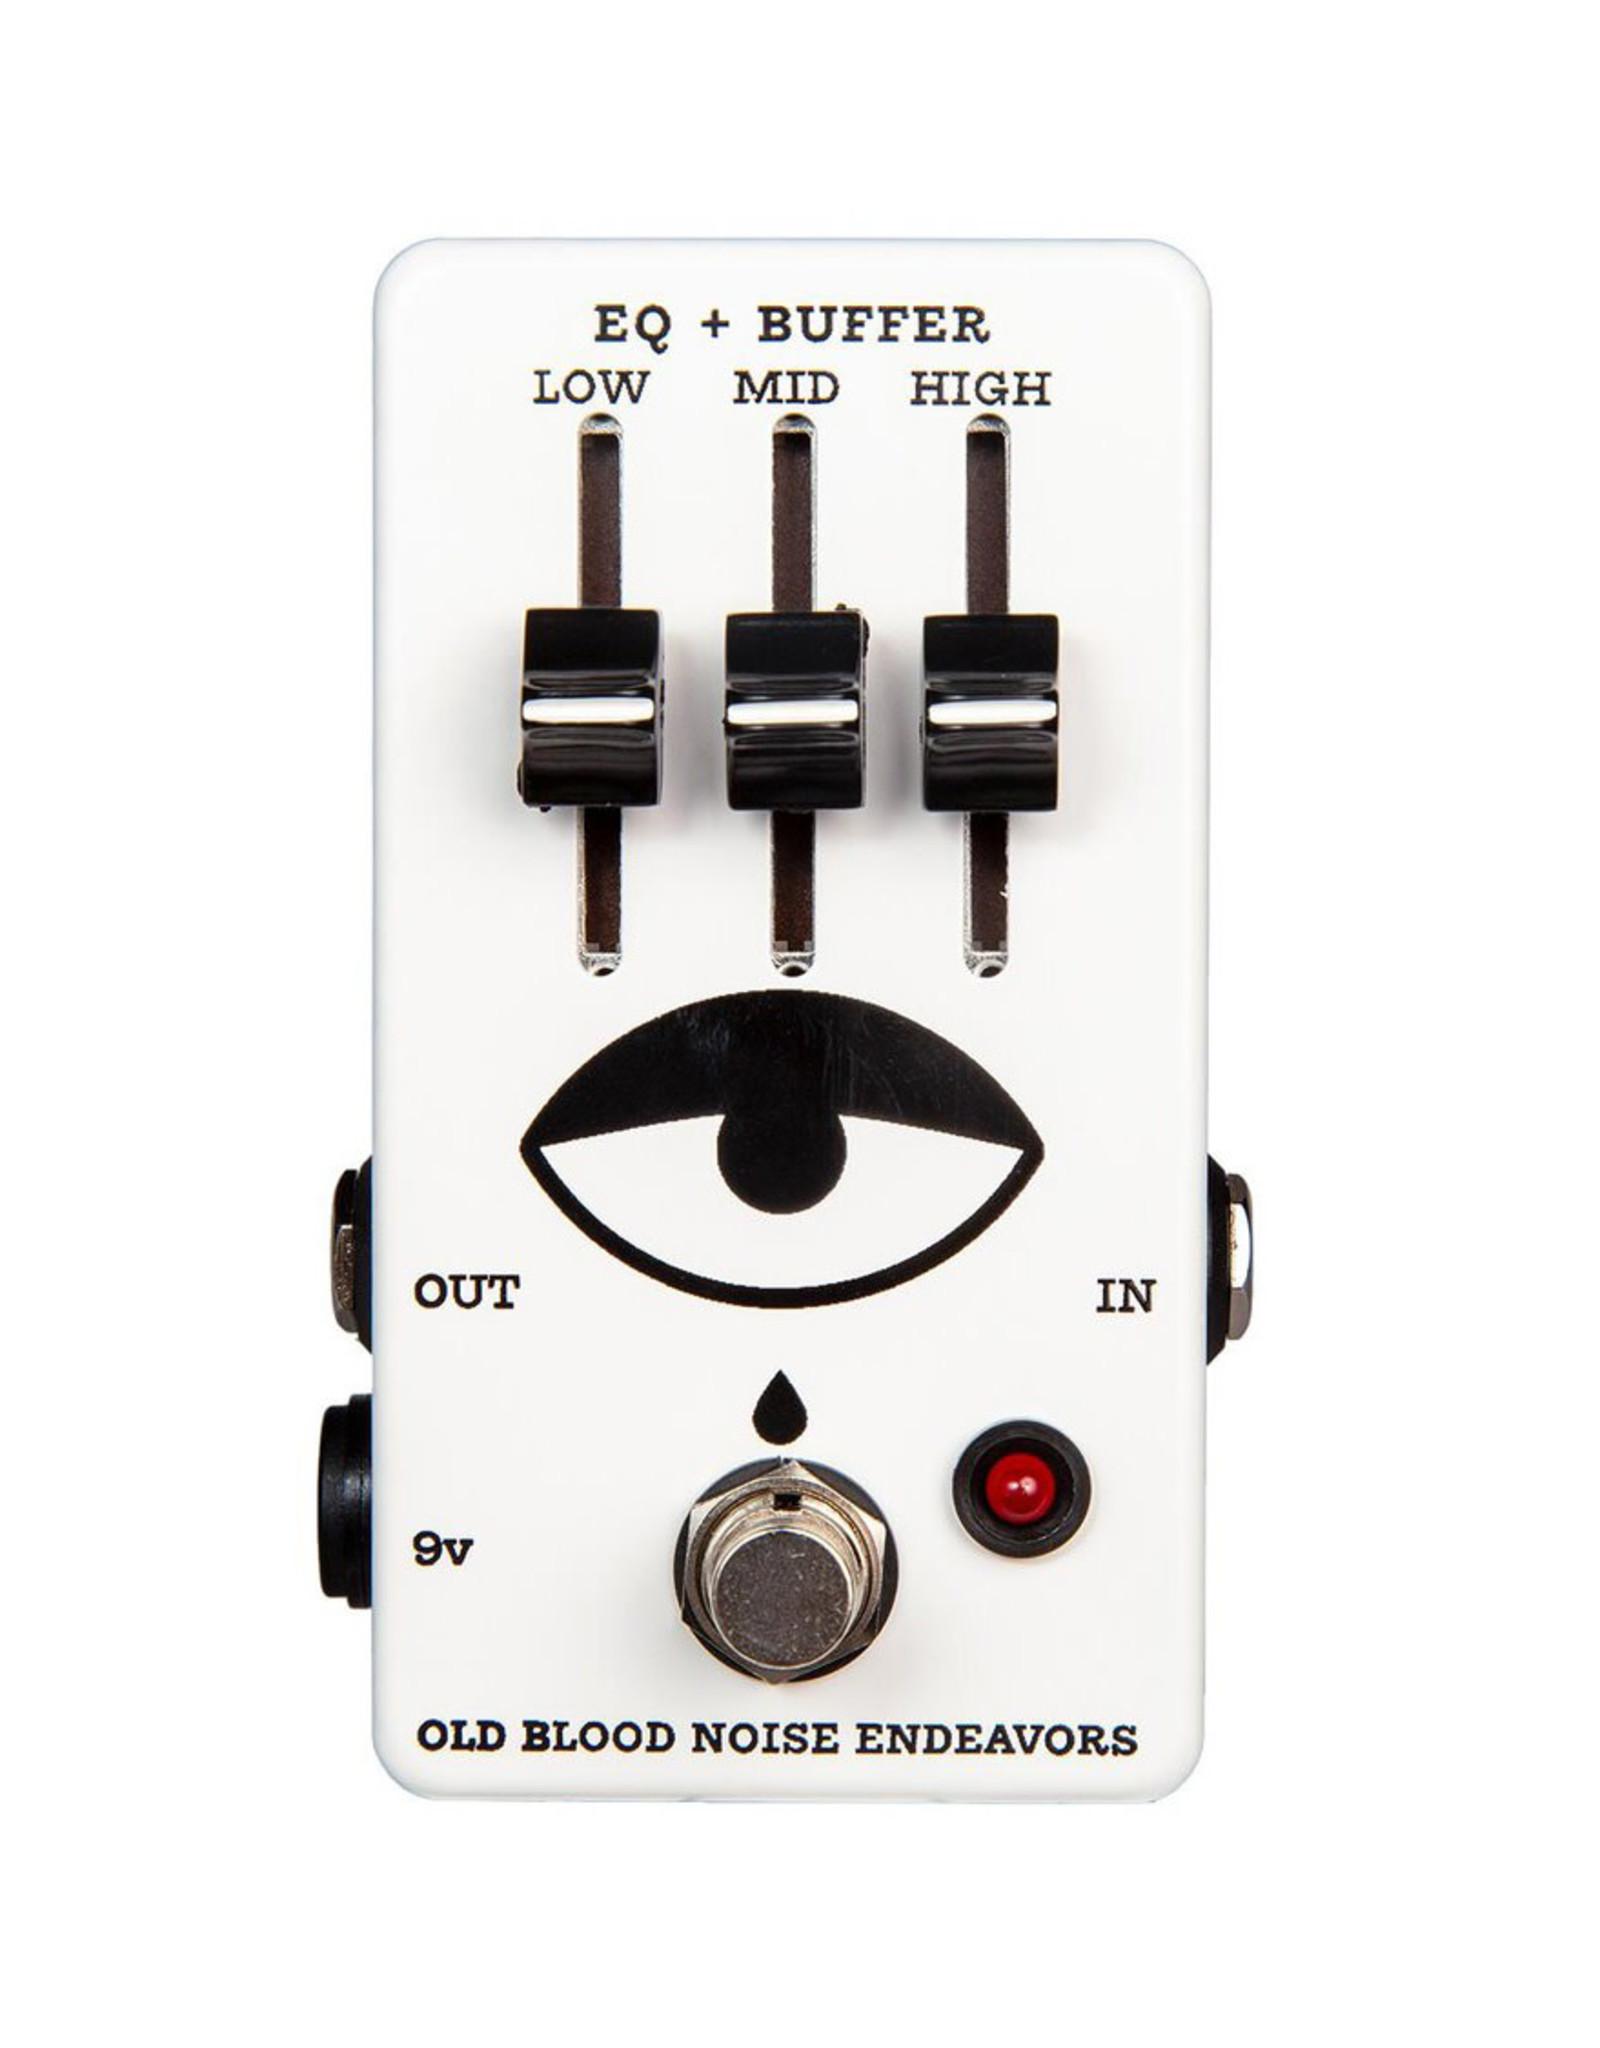 Old Blood Noise Endeavors OBNE EQ Buffer Slider Version Utility 3